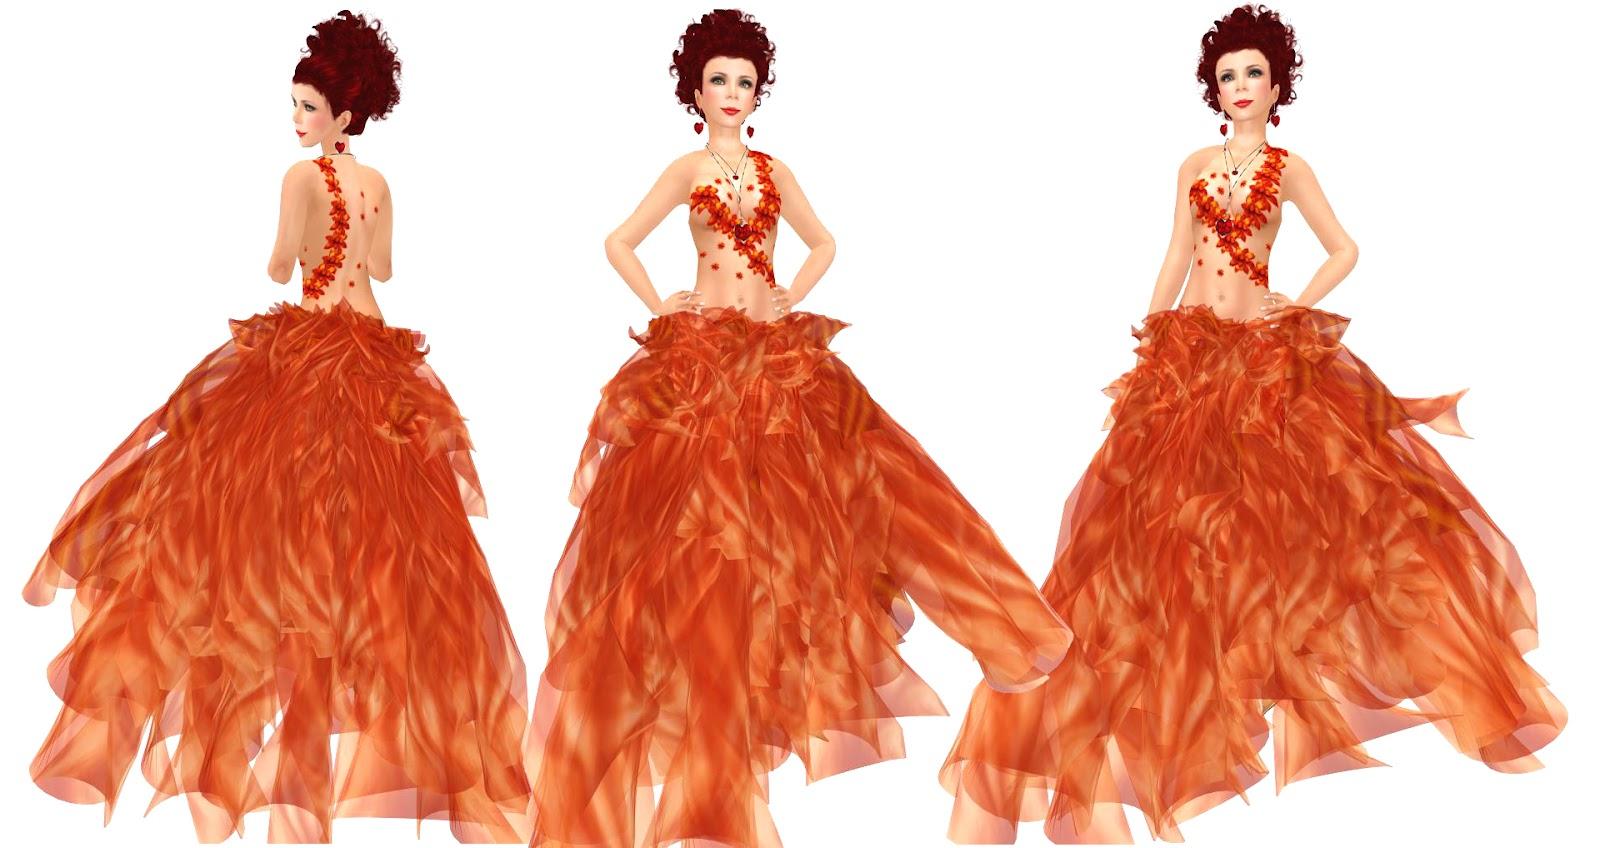 GO DUTCH !: Jewelry and orange gowns.